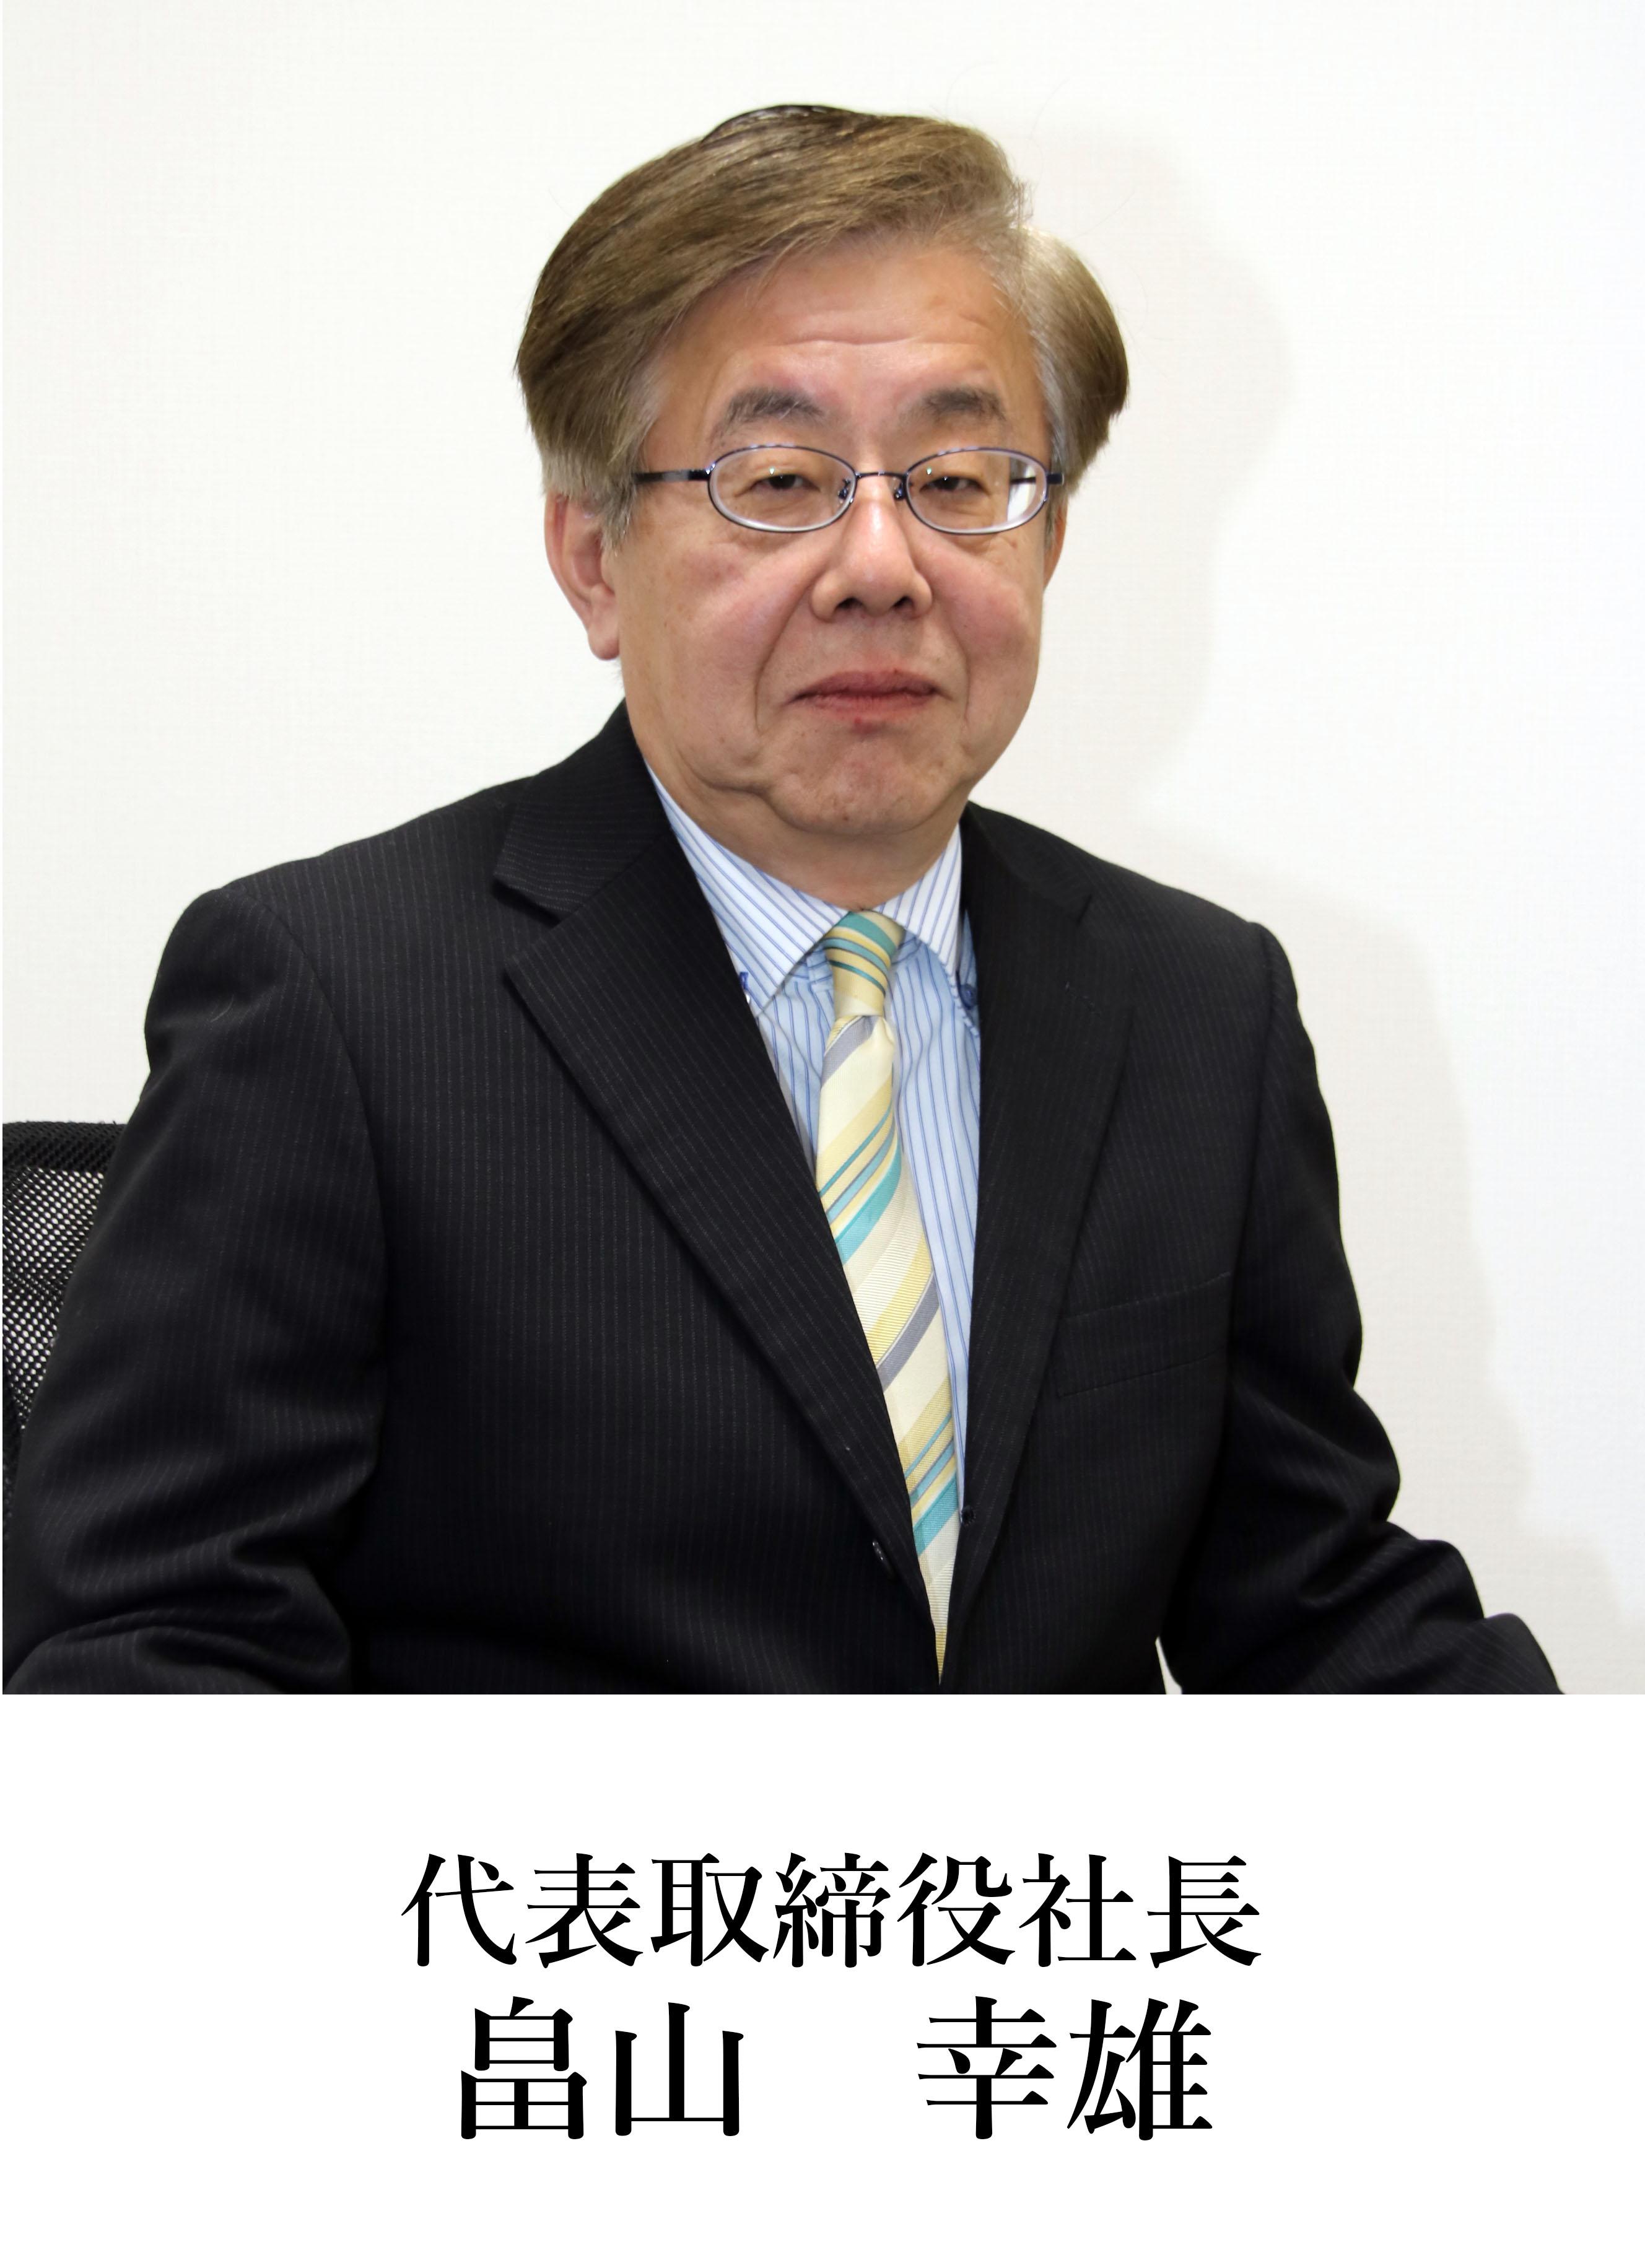 代表取締役社長 畠山 幸雄